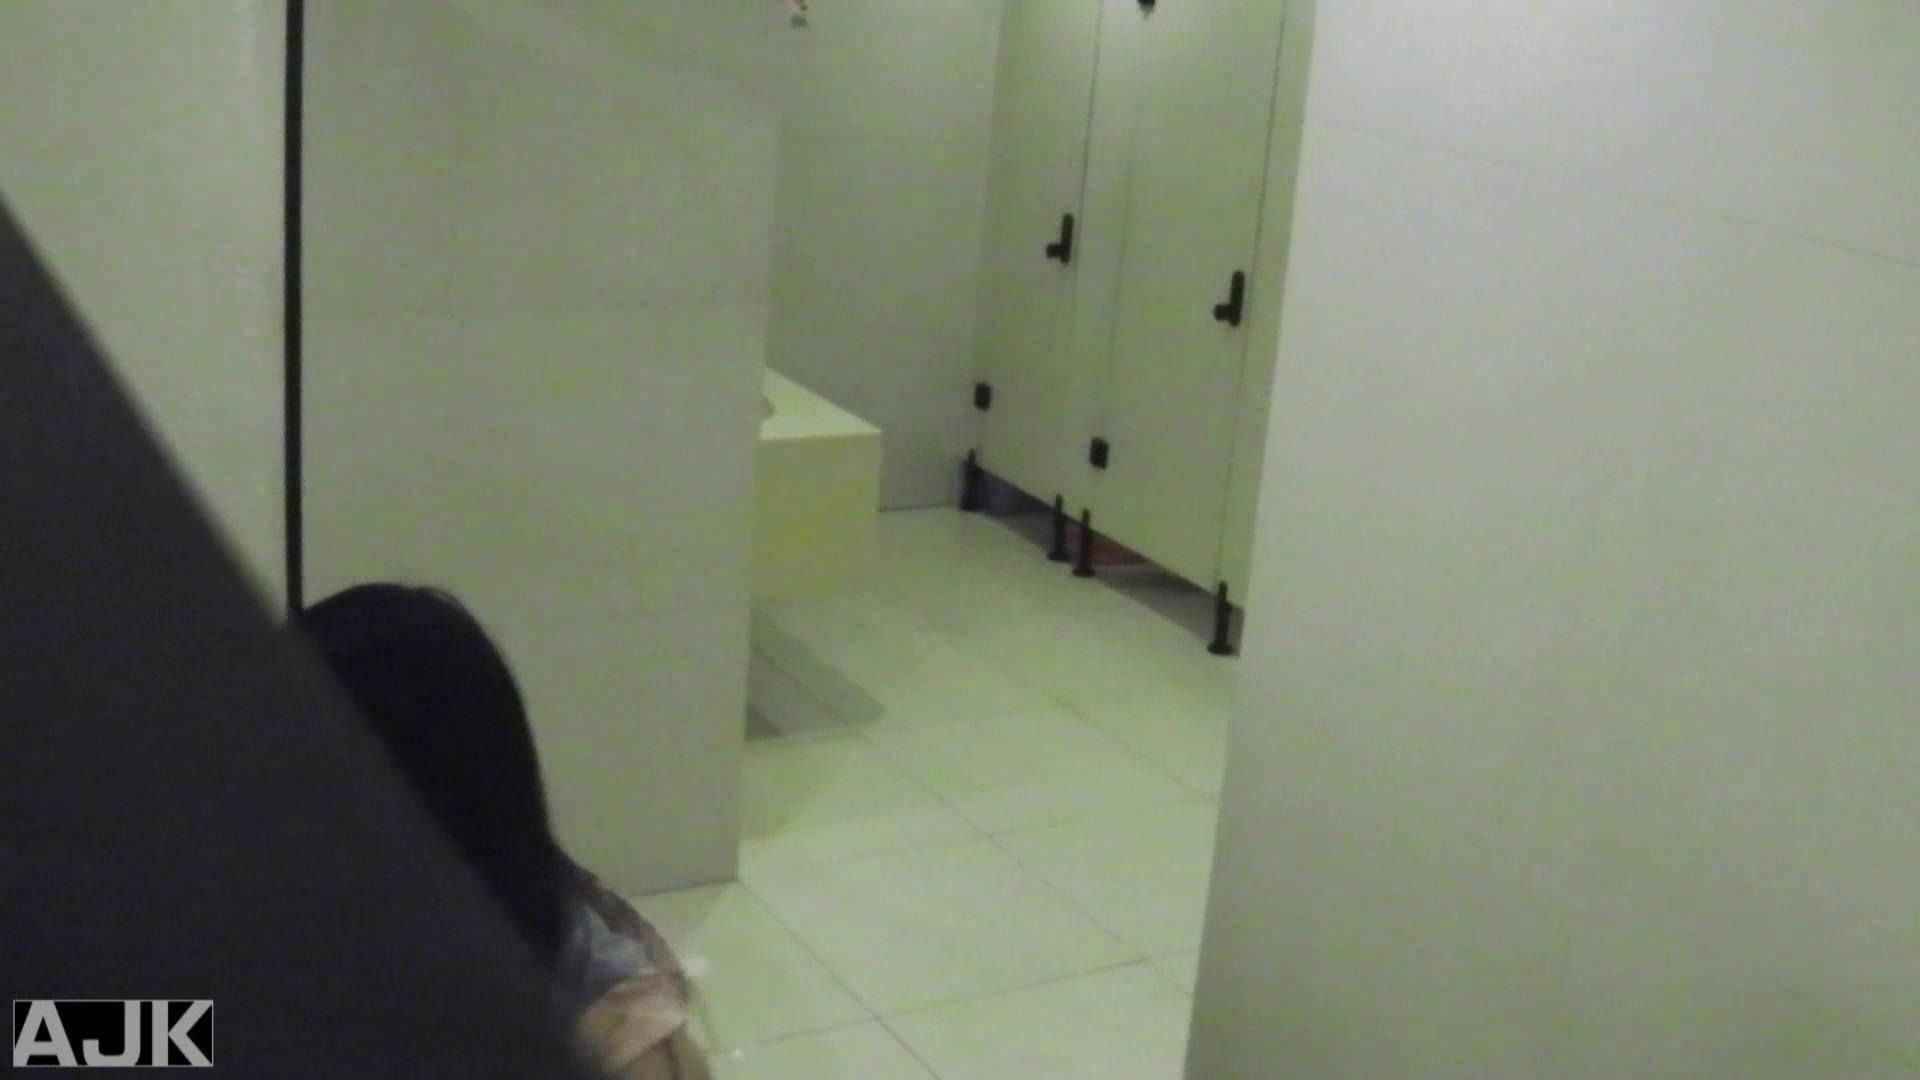 隣国上階級エリアの令嬢たちが集うデパートお手洗い Vol.11 お手洗い  67pic 51